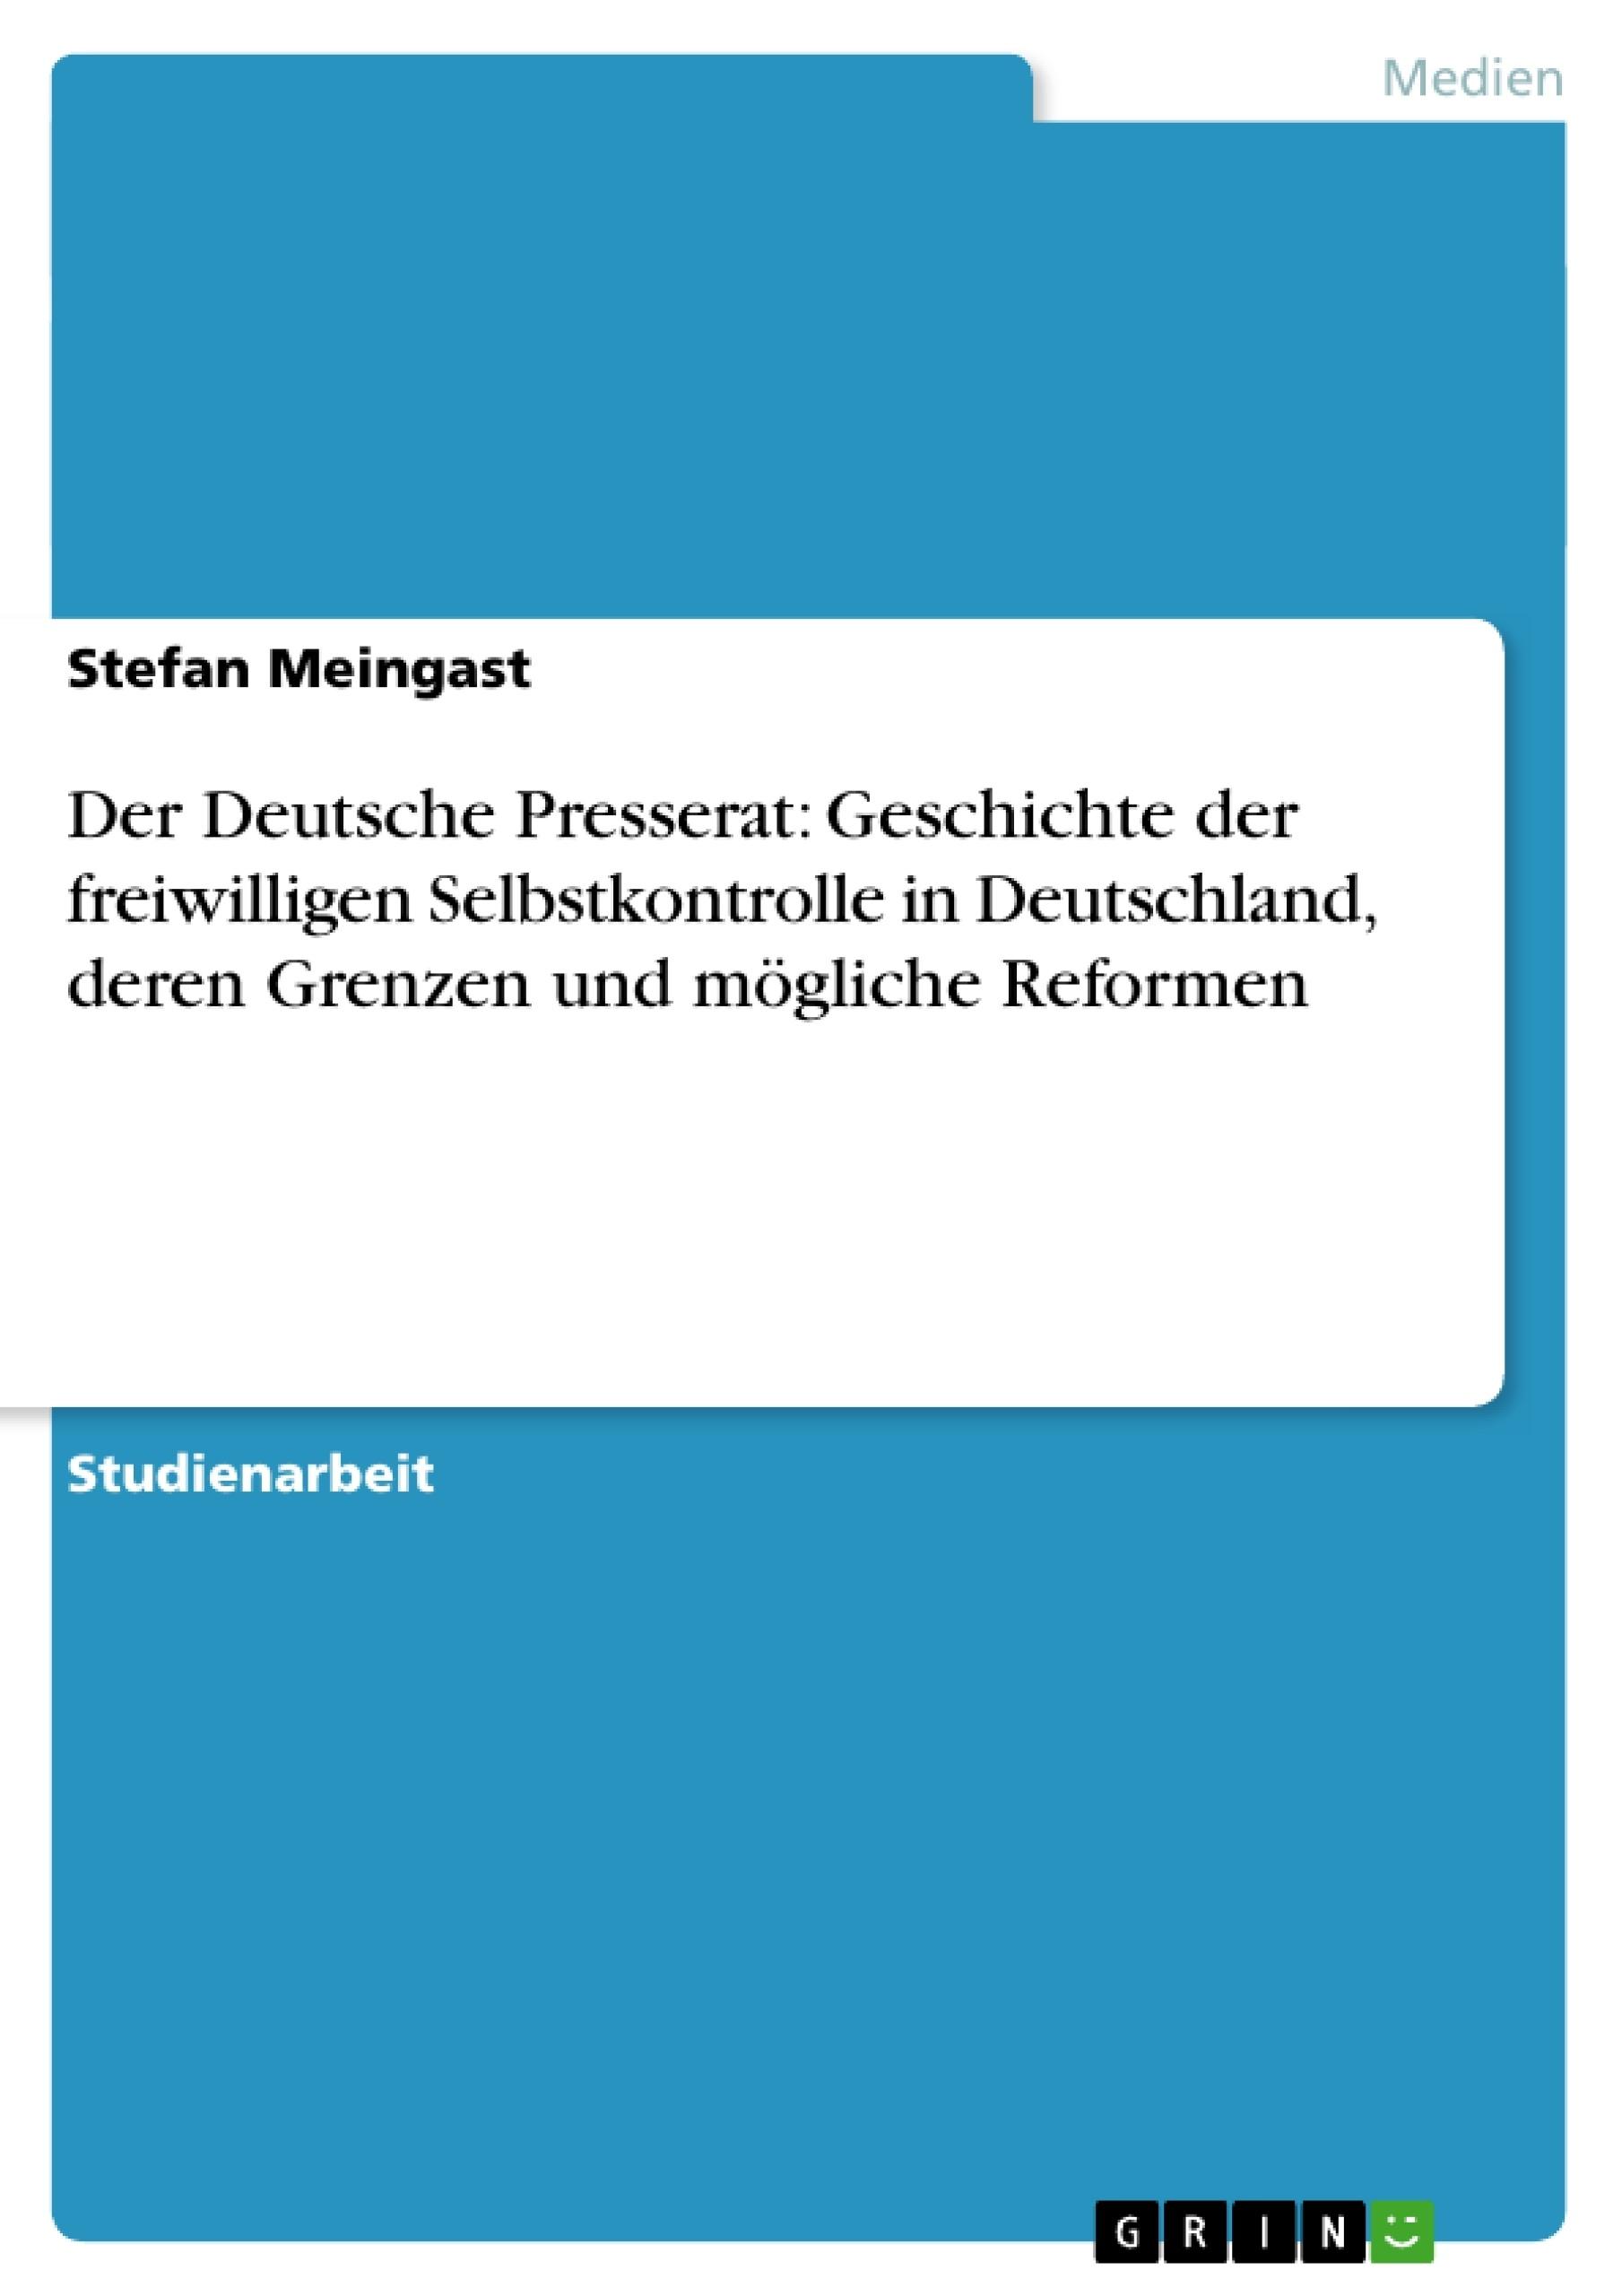 Titel: Der Deutsche Presserat: Geschichte der freiwilligen Selbstkontrolle in Deutschland, deren Grenzen und mögliche Reformen